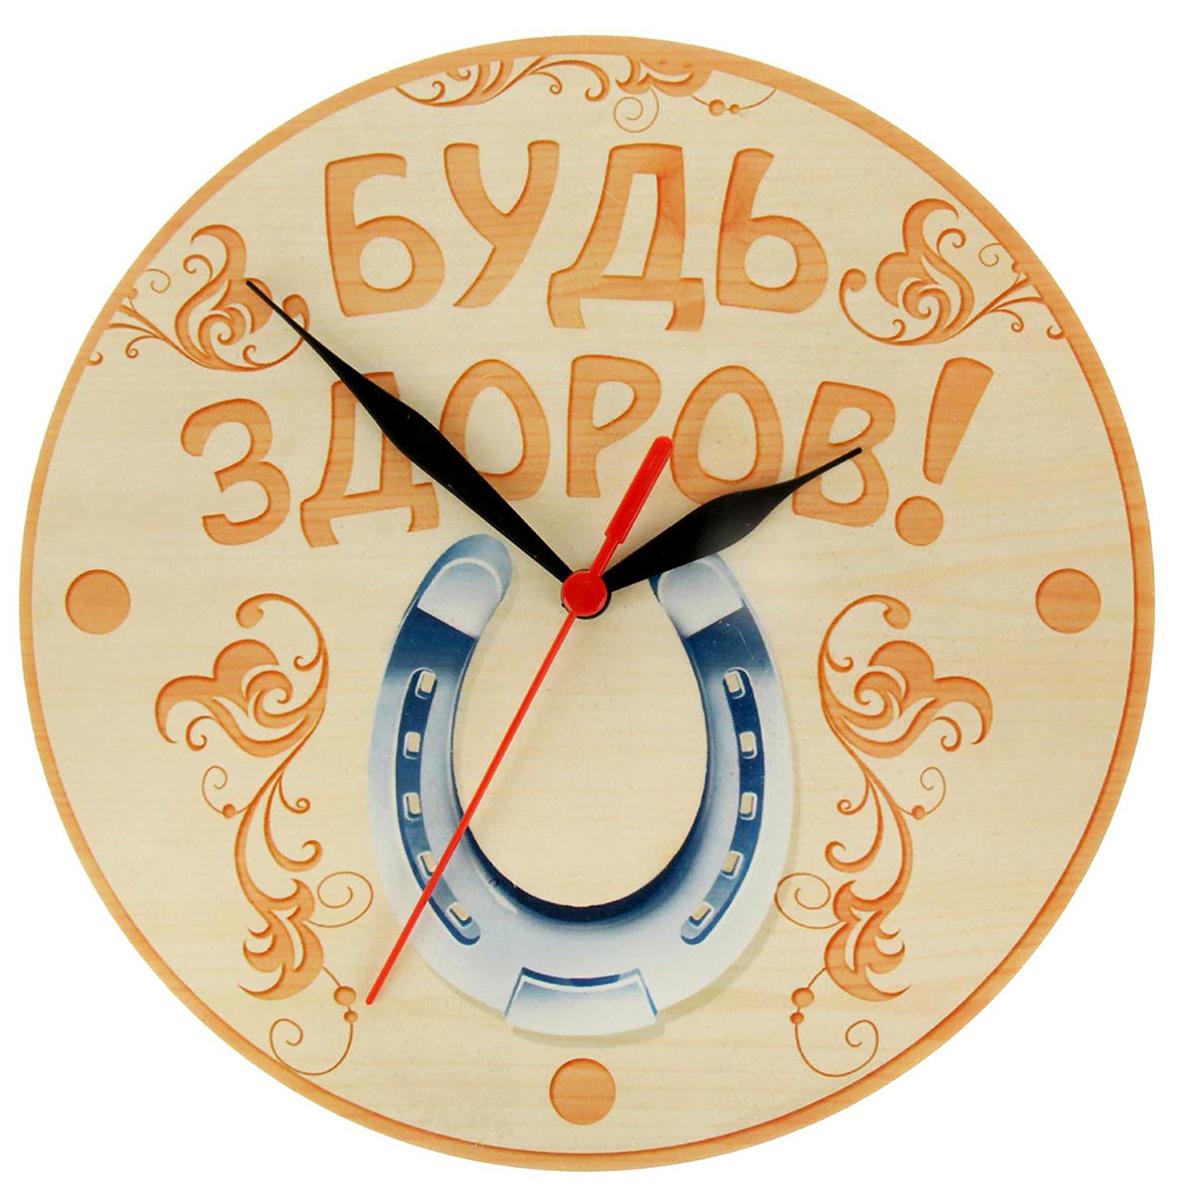 Часы настенные банные Будь здоров!, 27 х 28 см новый диск будь здоров со смешариками